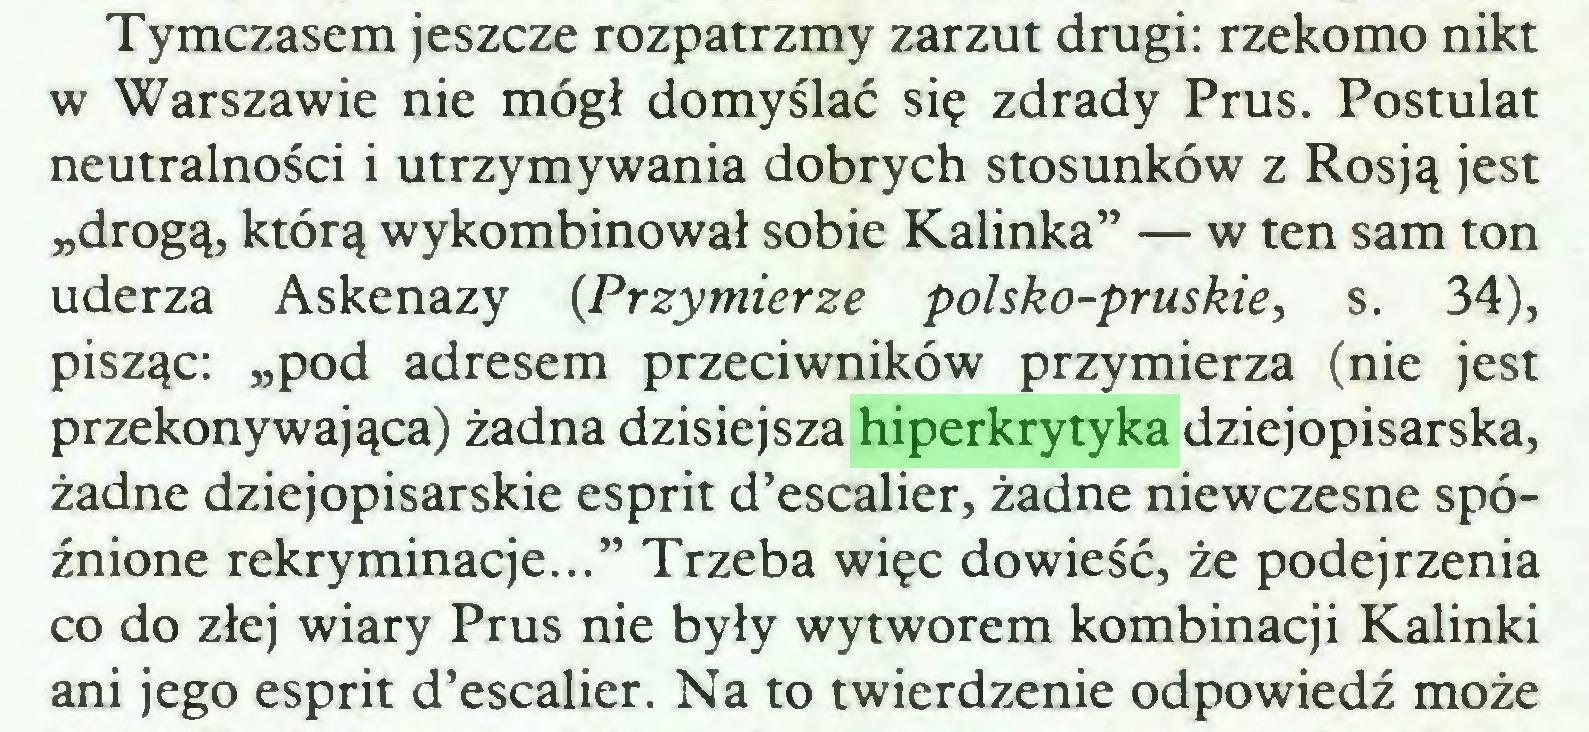 """(...) Tymczasem jeszcze rozpatrzmy zarzut drugi: rzekomo nikt w Warszawie nie mógł domyślać się zdrady Prus. Postulat neutralności i utrzymywania dobrych stosunków z Rosją jest """"drogą, którą wykombinował sobie Kalinka"""" — w ten sam ton uderza Askenazy {Przymierze polsko-pruskie, s. 34), pisząc: """"pod adresem przeciwników przymierza (nie jest przekonywająca) żadna dzisiejsza hiperkrytyka dziejopisarska, żadne dziejopisarskie esprit d'escalier, żadne niewczesne spóźnione rekryminacje..."""" Trzeba więc dowieść, że podejrzenia co do złej wiary Prus nie były wytworem kombinacji Kalinki ani jego esprit d'escalier. Na to twierdzenie odpowiedź może..."""